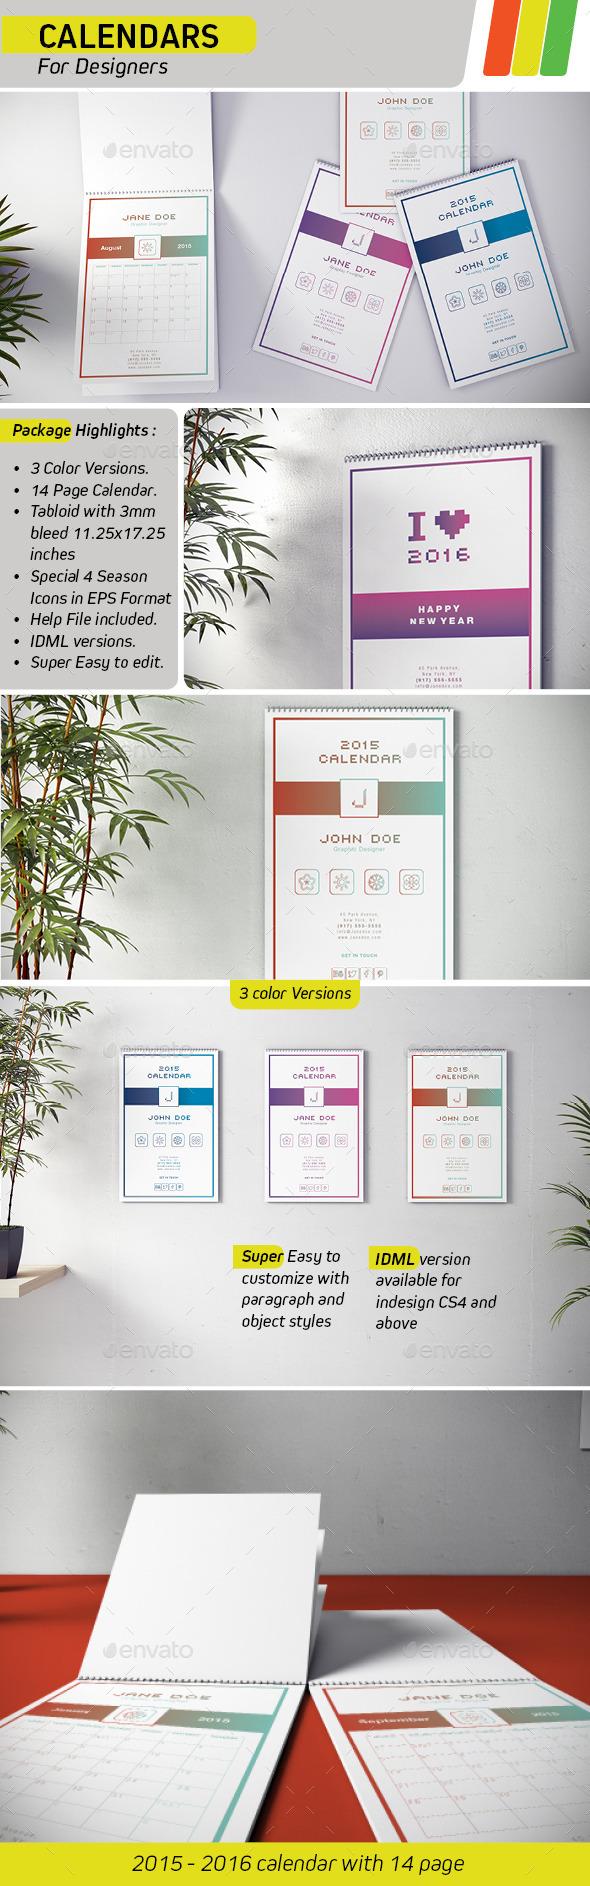 GraphicRiver Calendar 2015 for Designers 8929204